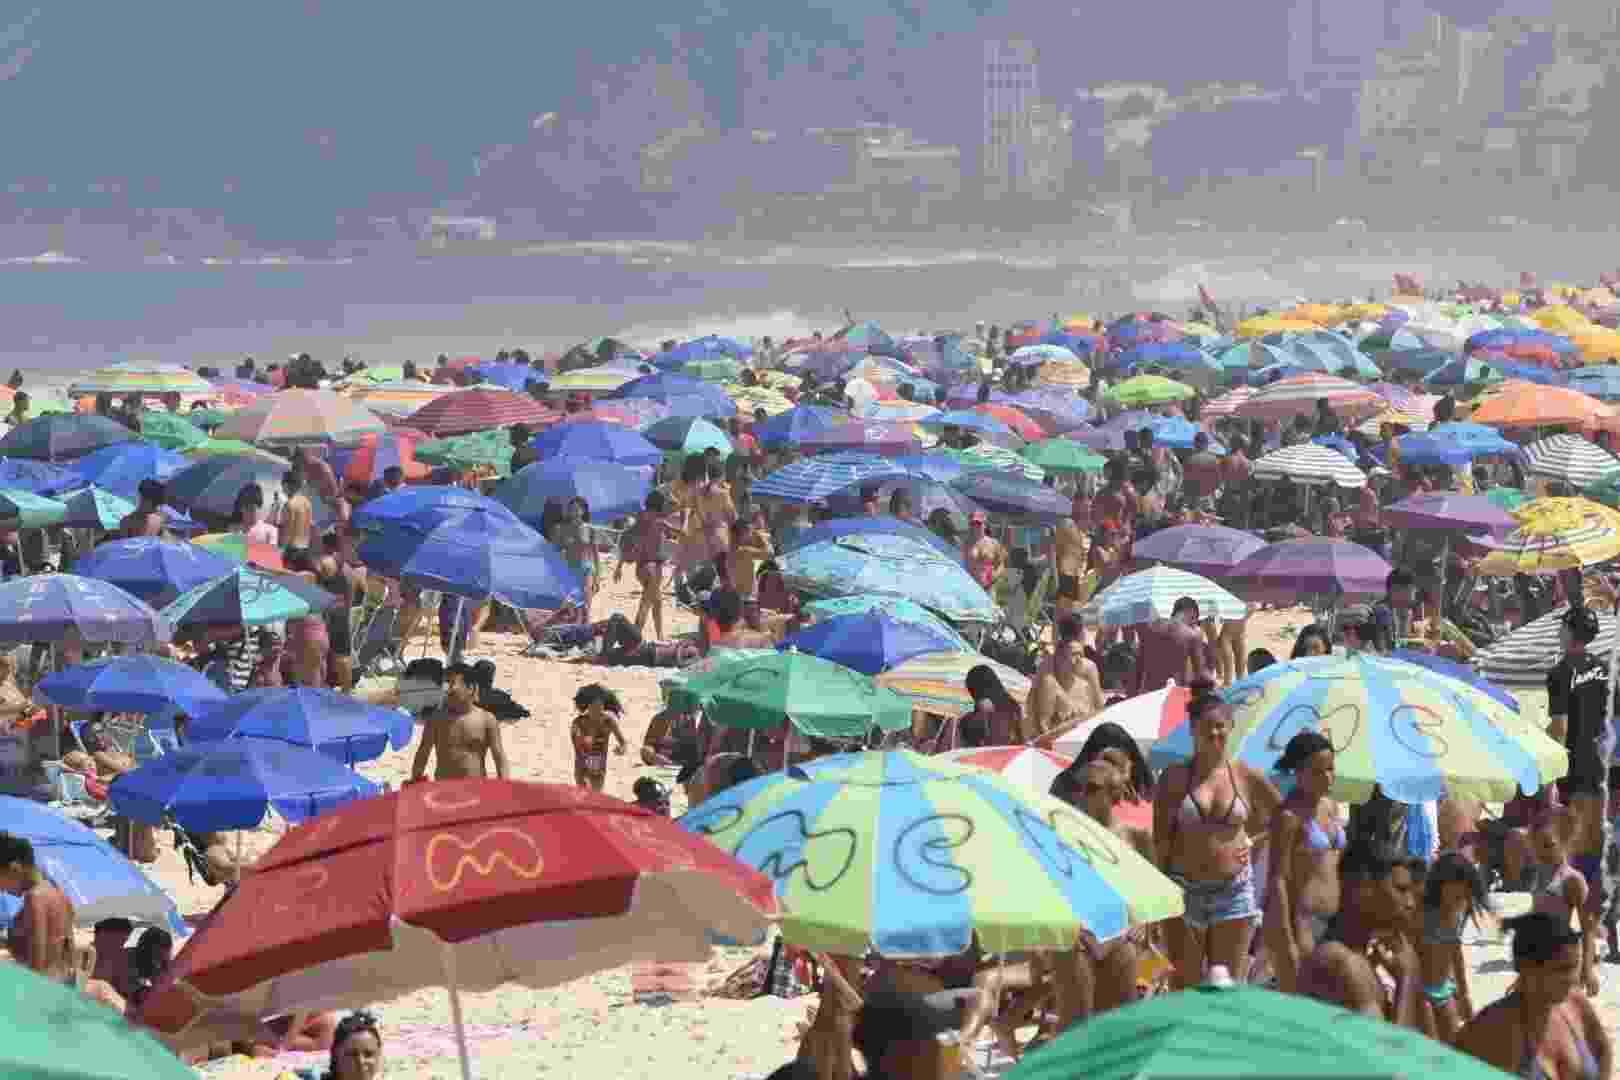 Movimentação na Praia de Ipanema no Rio de Janeiro,  (RJ), na manhã deste domingo (06). 06/09/2020 - Foto: GABRIEL BASTOS/FUTURA PRESS/FUTURA PRESS/ESTADÃO CONTEÚDO - GABRIEL BASTOS/ESTADÃO CONTEÚDO